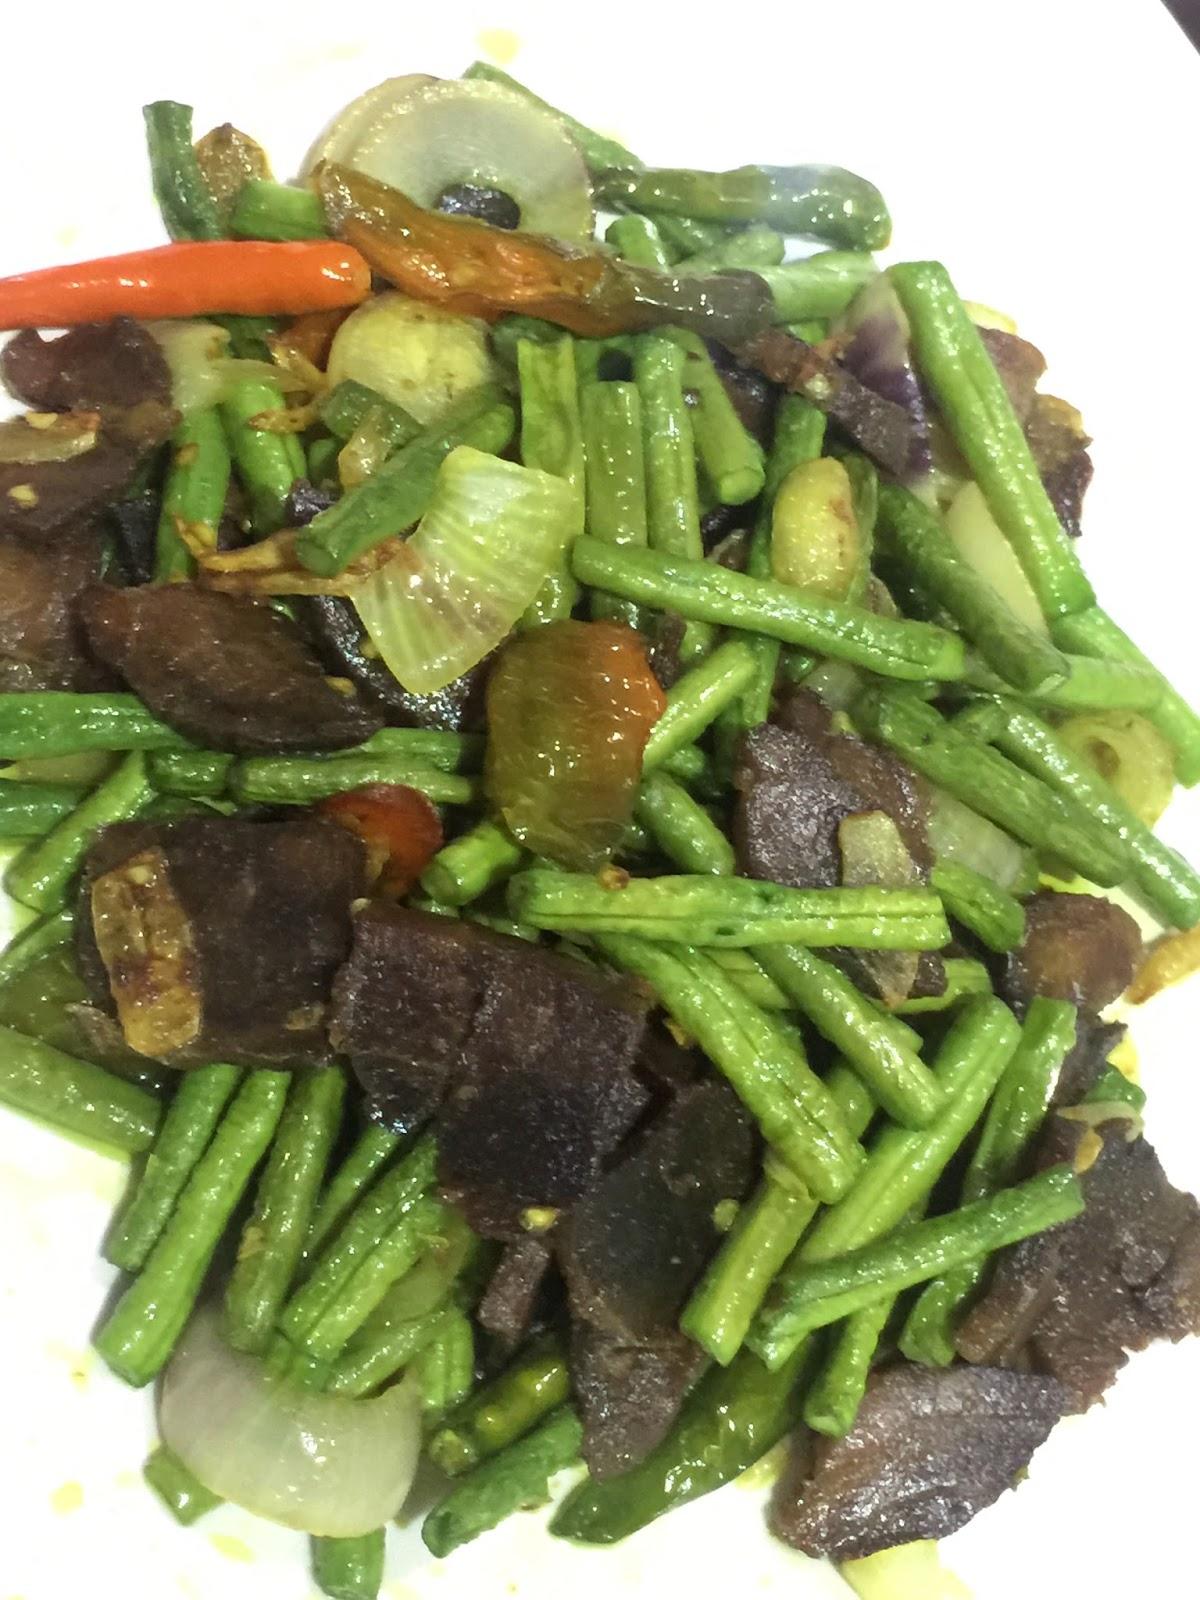 hidangan malam jumaat, sambal sardin, sup sayur, khasiat sayuran hijau, daging goreng kunyit, menu sihat, menu sedap dan mudah